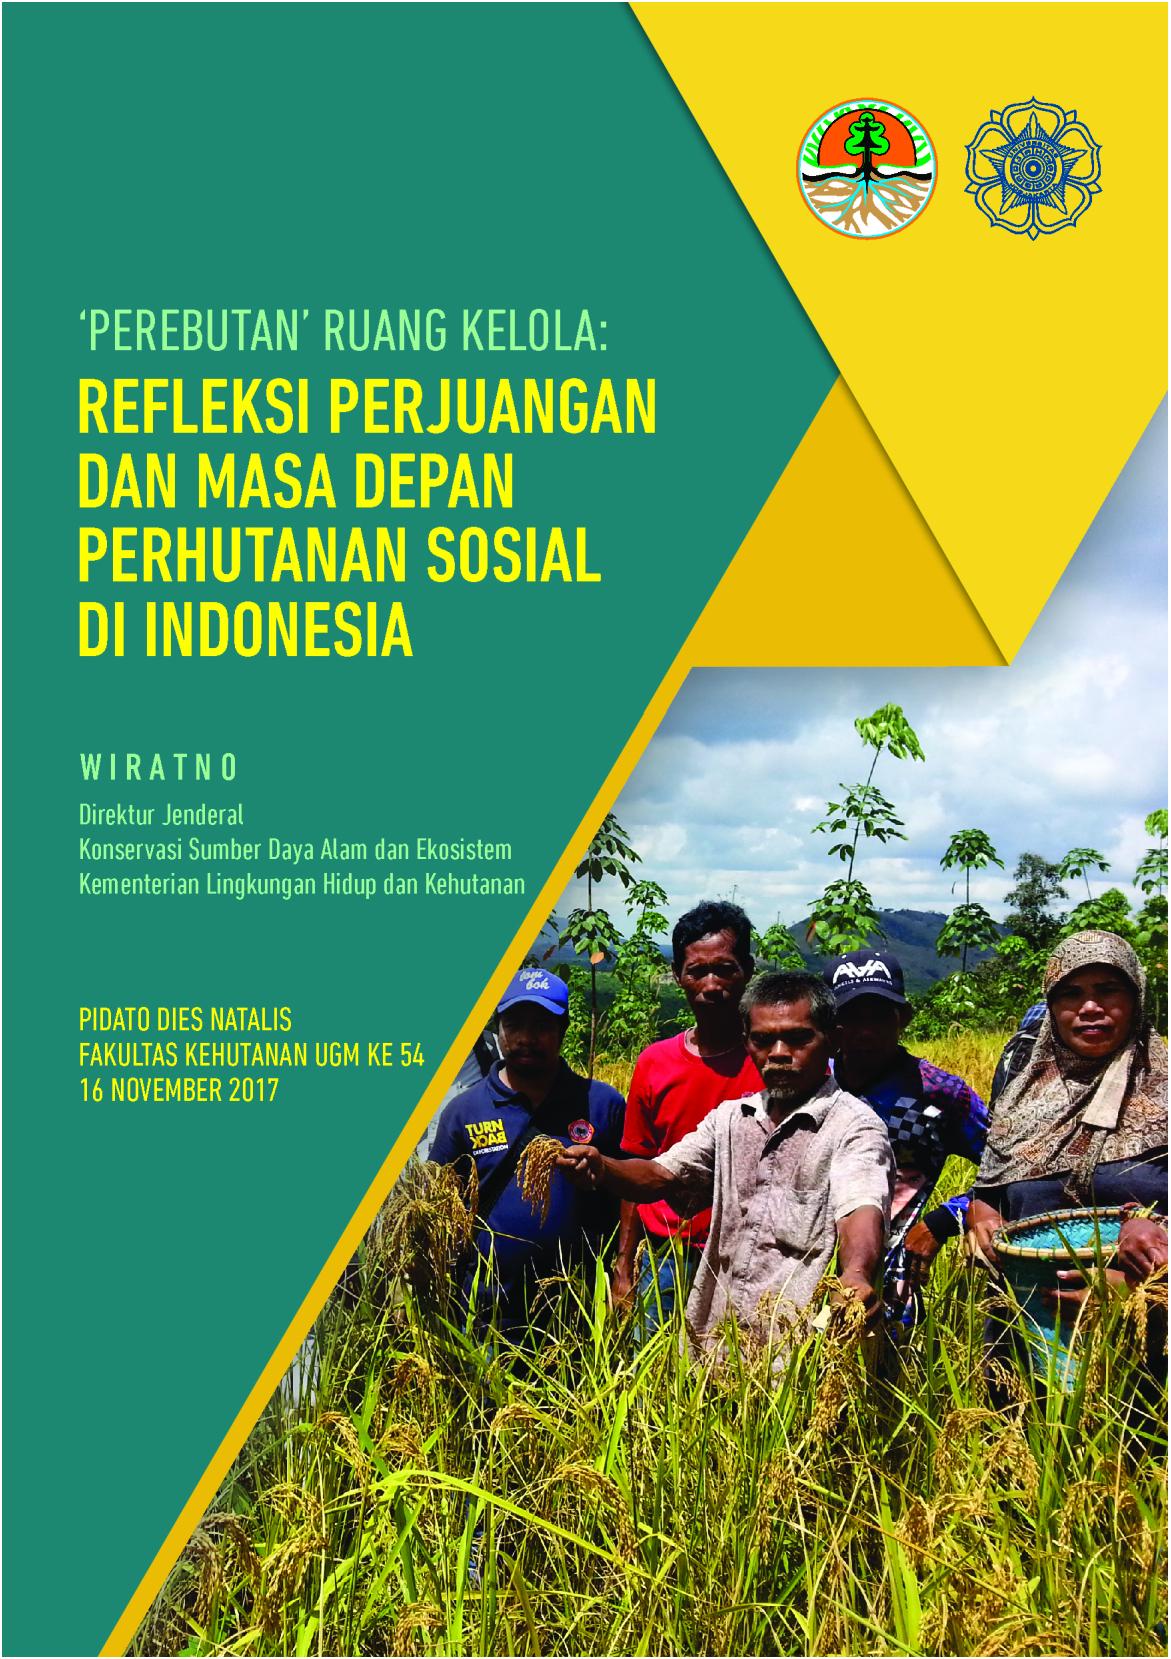 """""""PEREBUTAN"""" RUANG KELOLA: REFLEKSI PERJUANGAN DAN MASA DEPAN PERHUTANAN SOSIAL DI INDONESIA"""